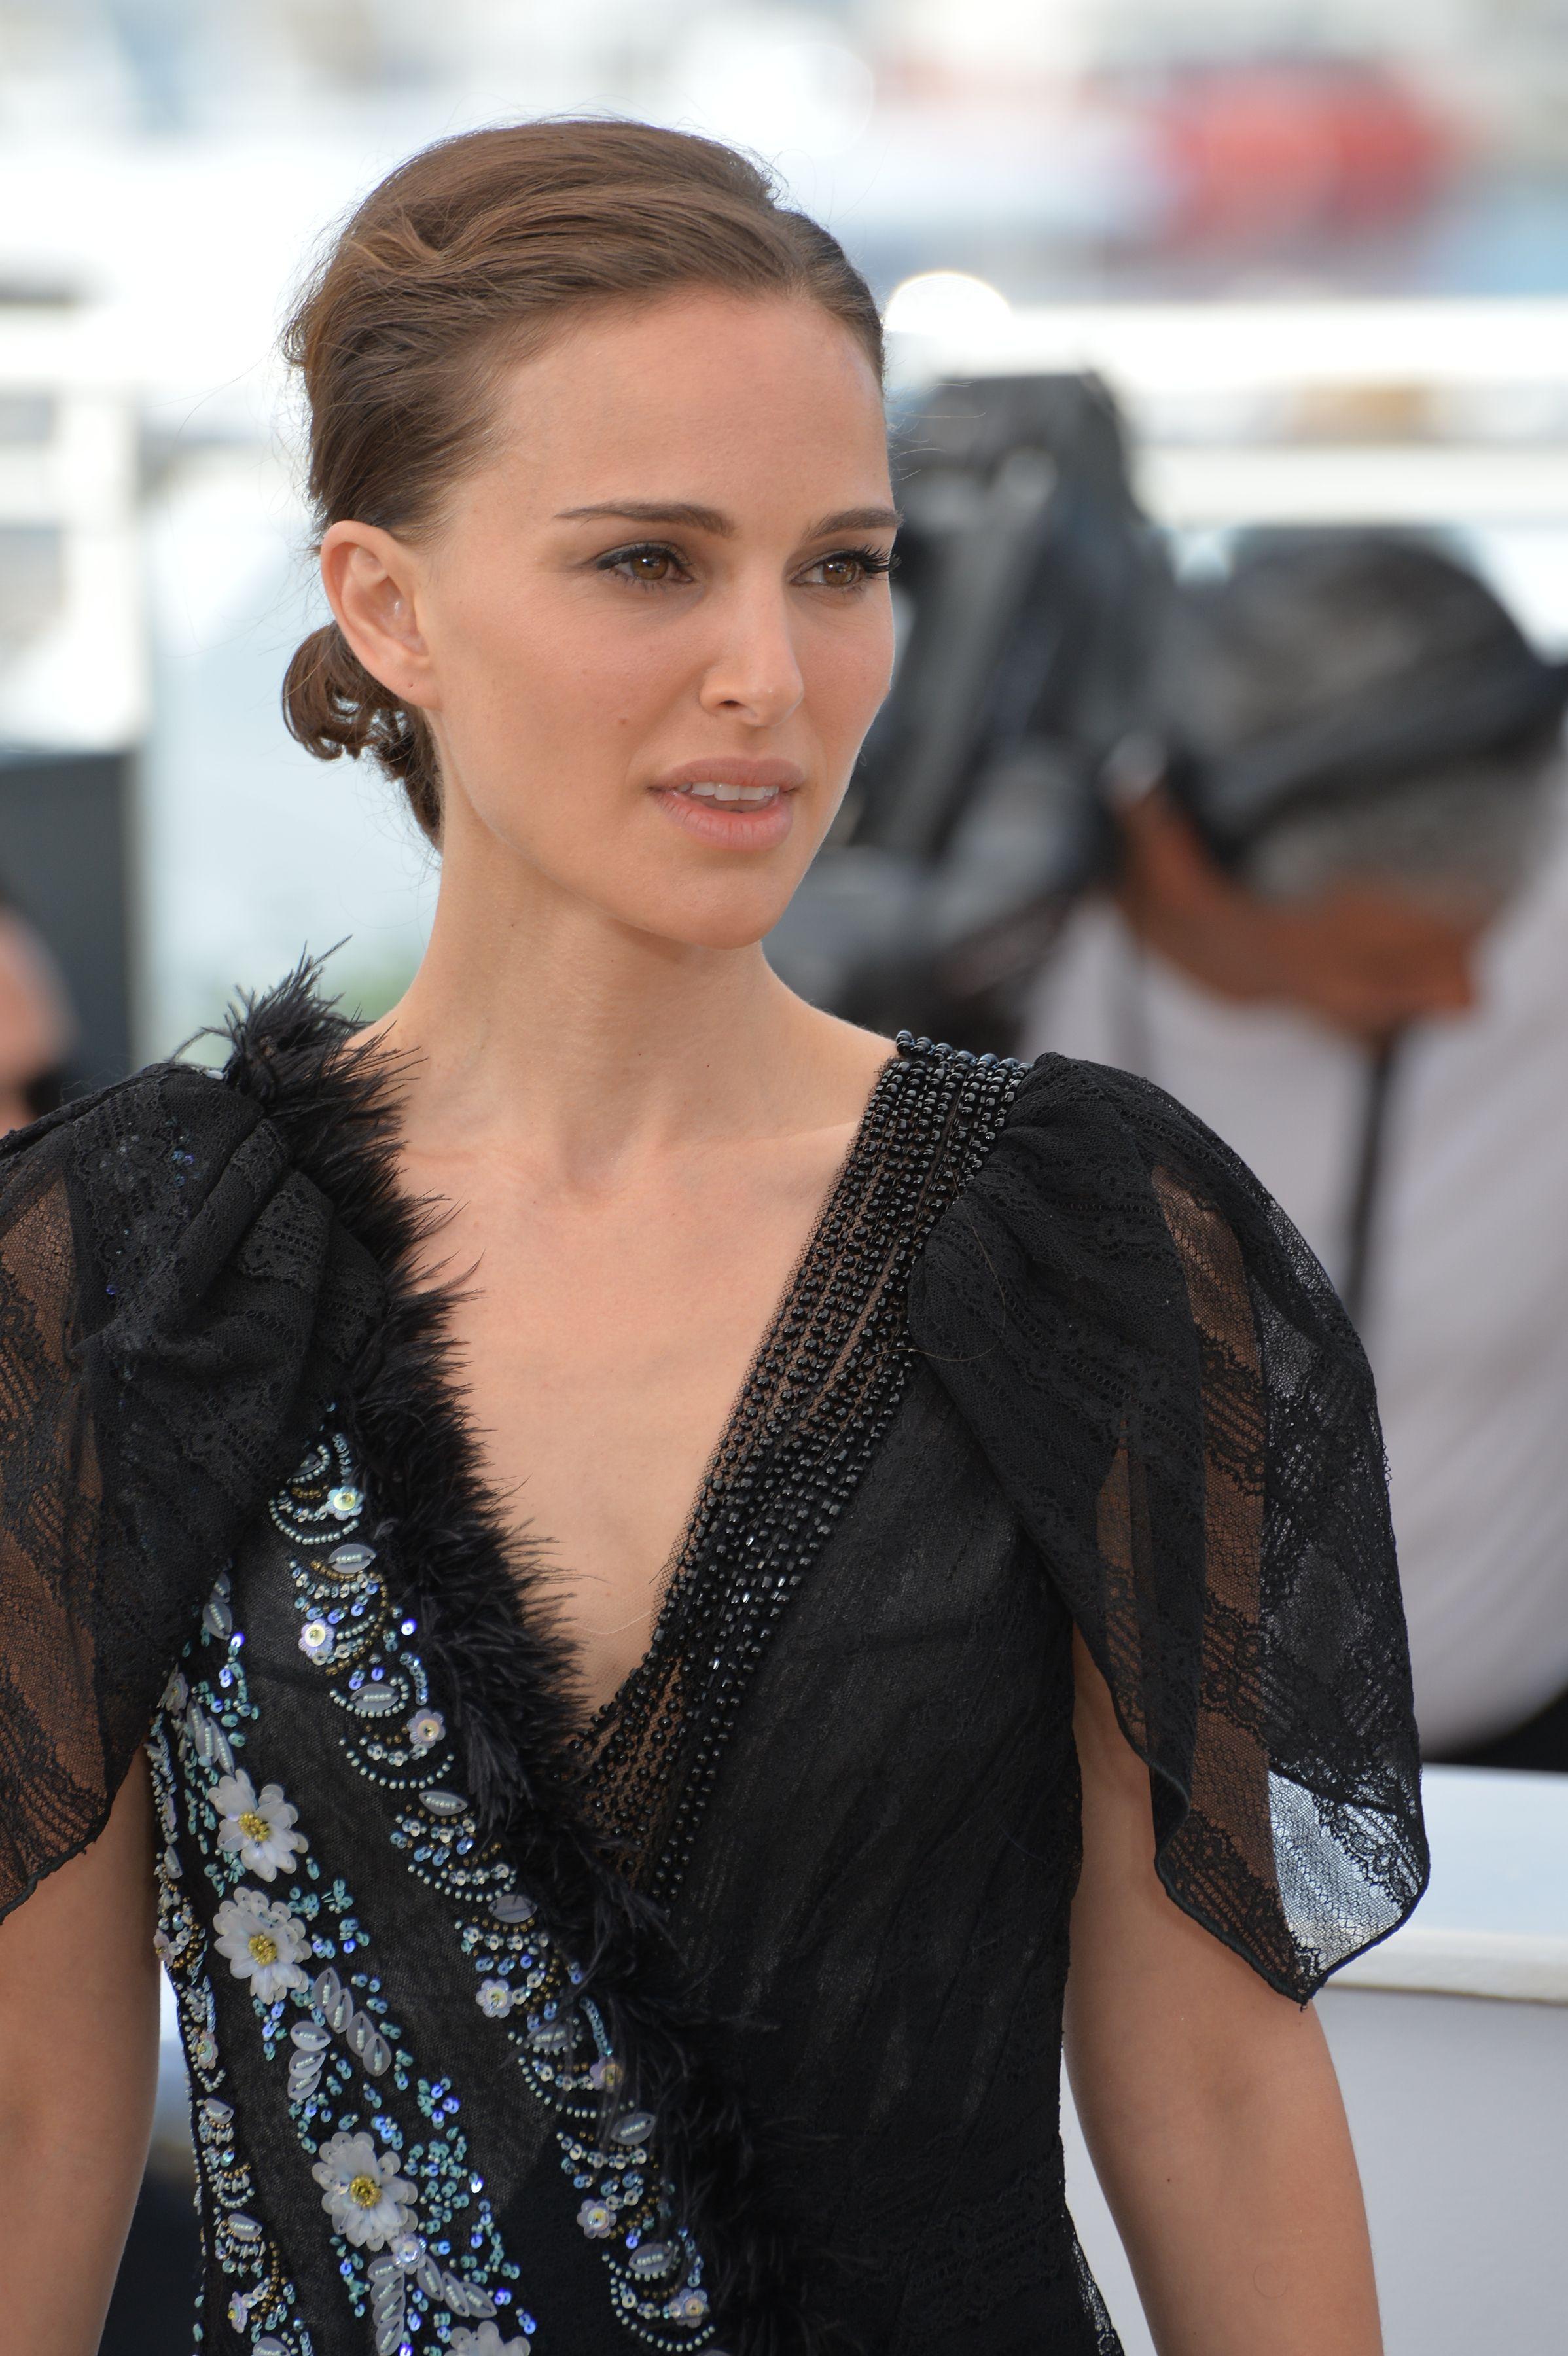 12. Natalie Portman – 140